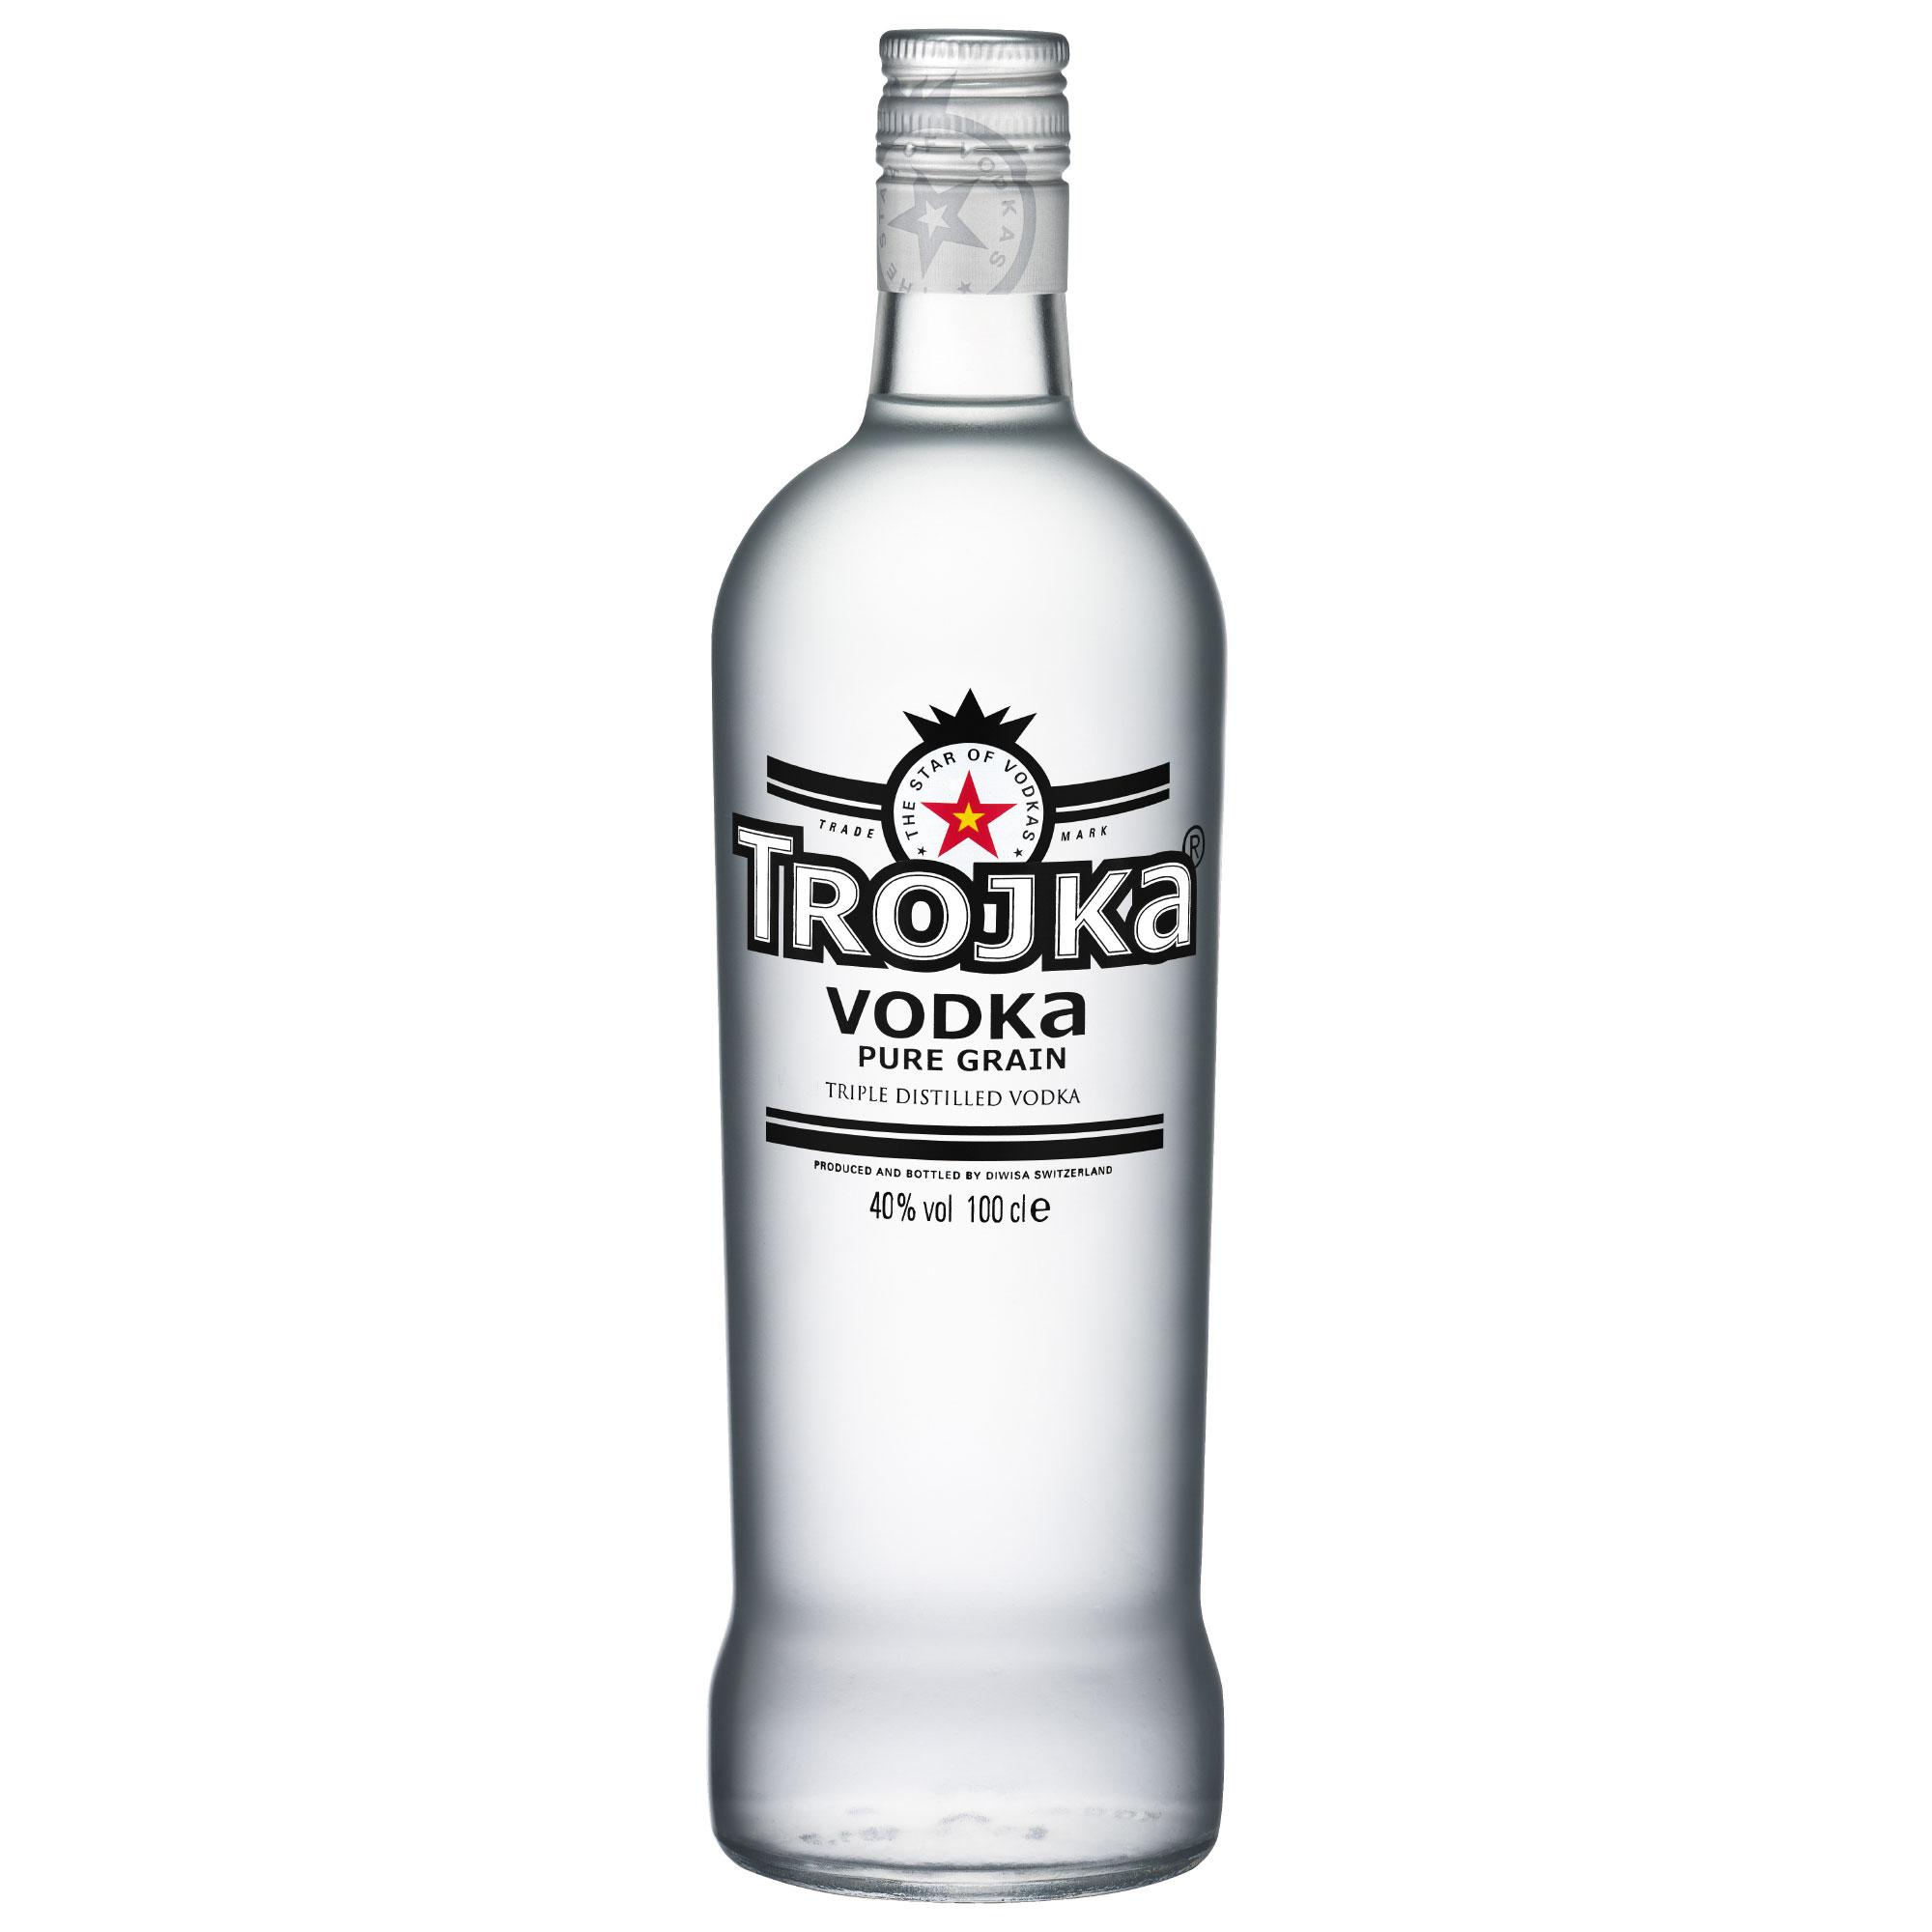 Trojka Vodka Pure Grain